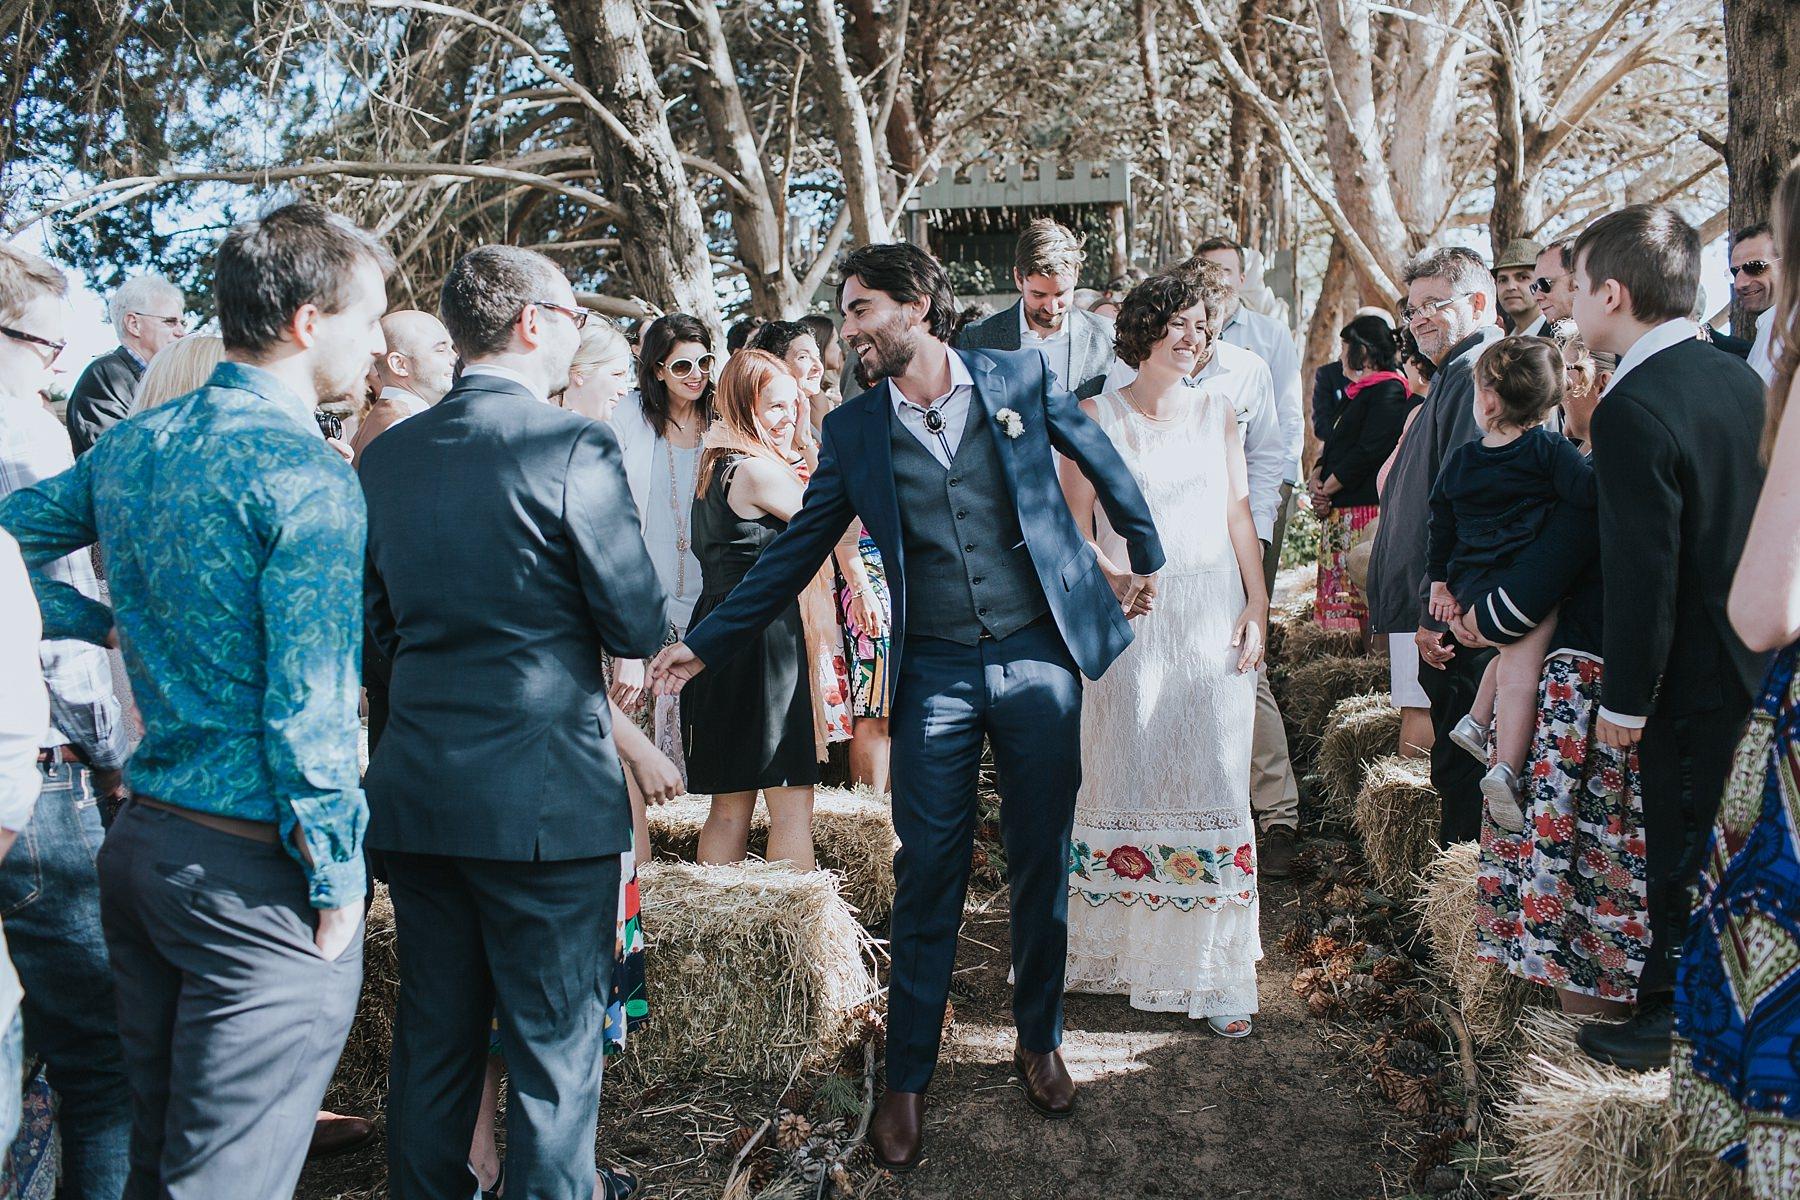 wedding recessional at narnu farm